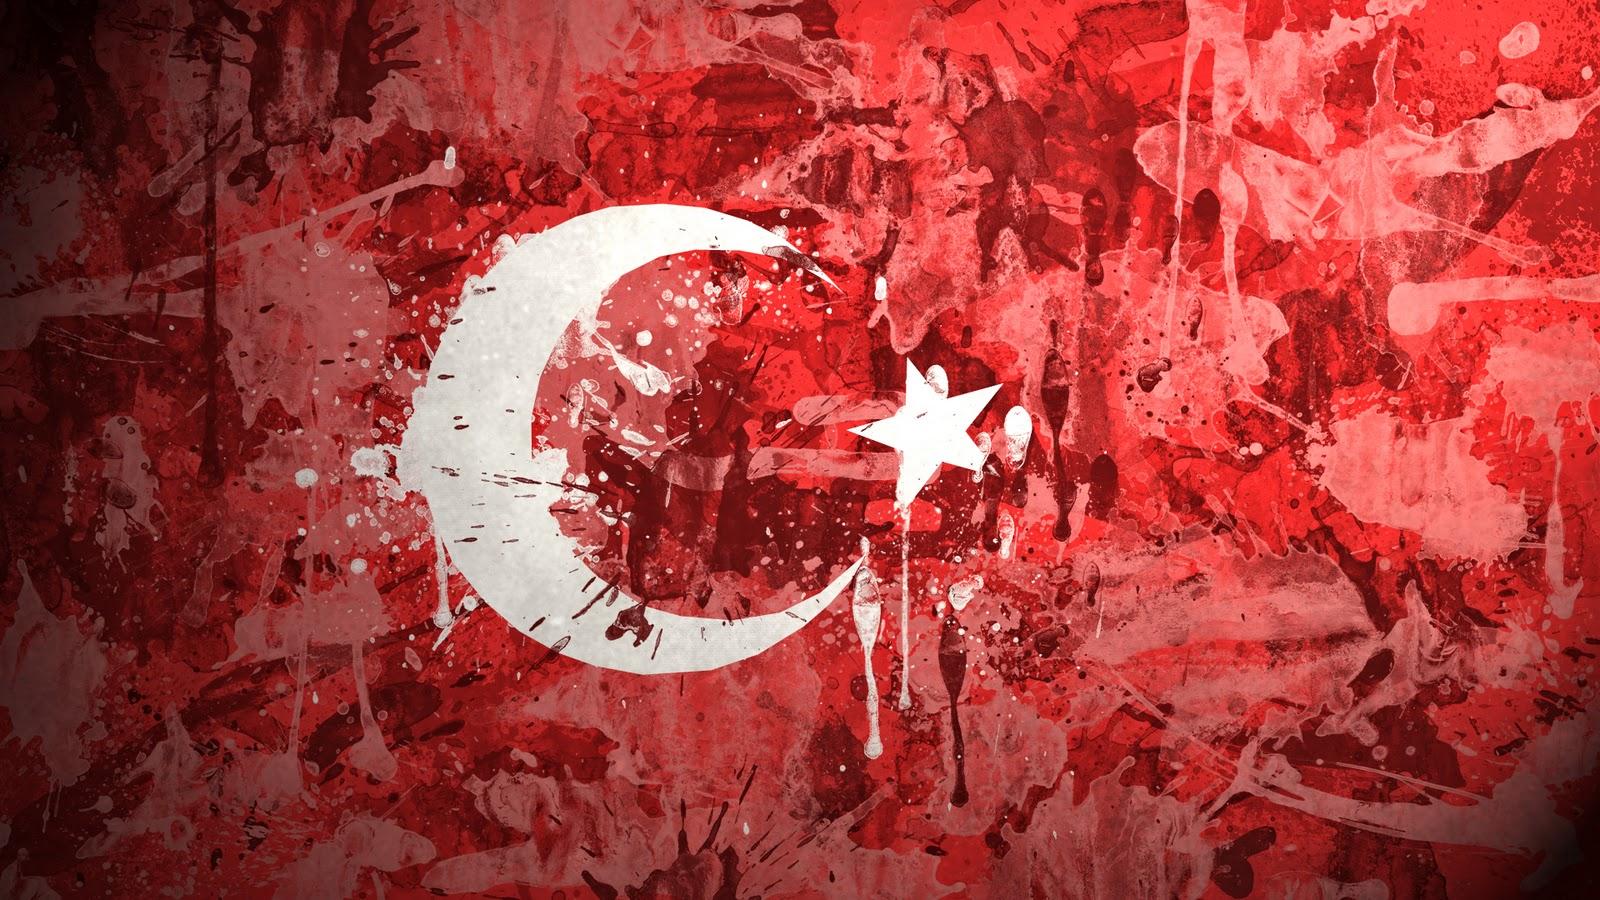 wallpapers hd turkey flag paint drawn hd wallpaper fond d cran 1600x900